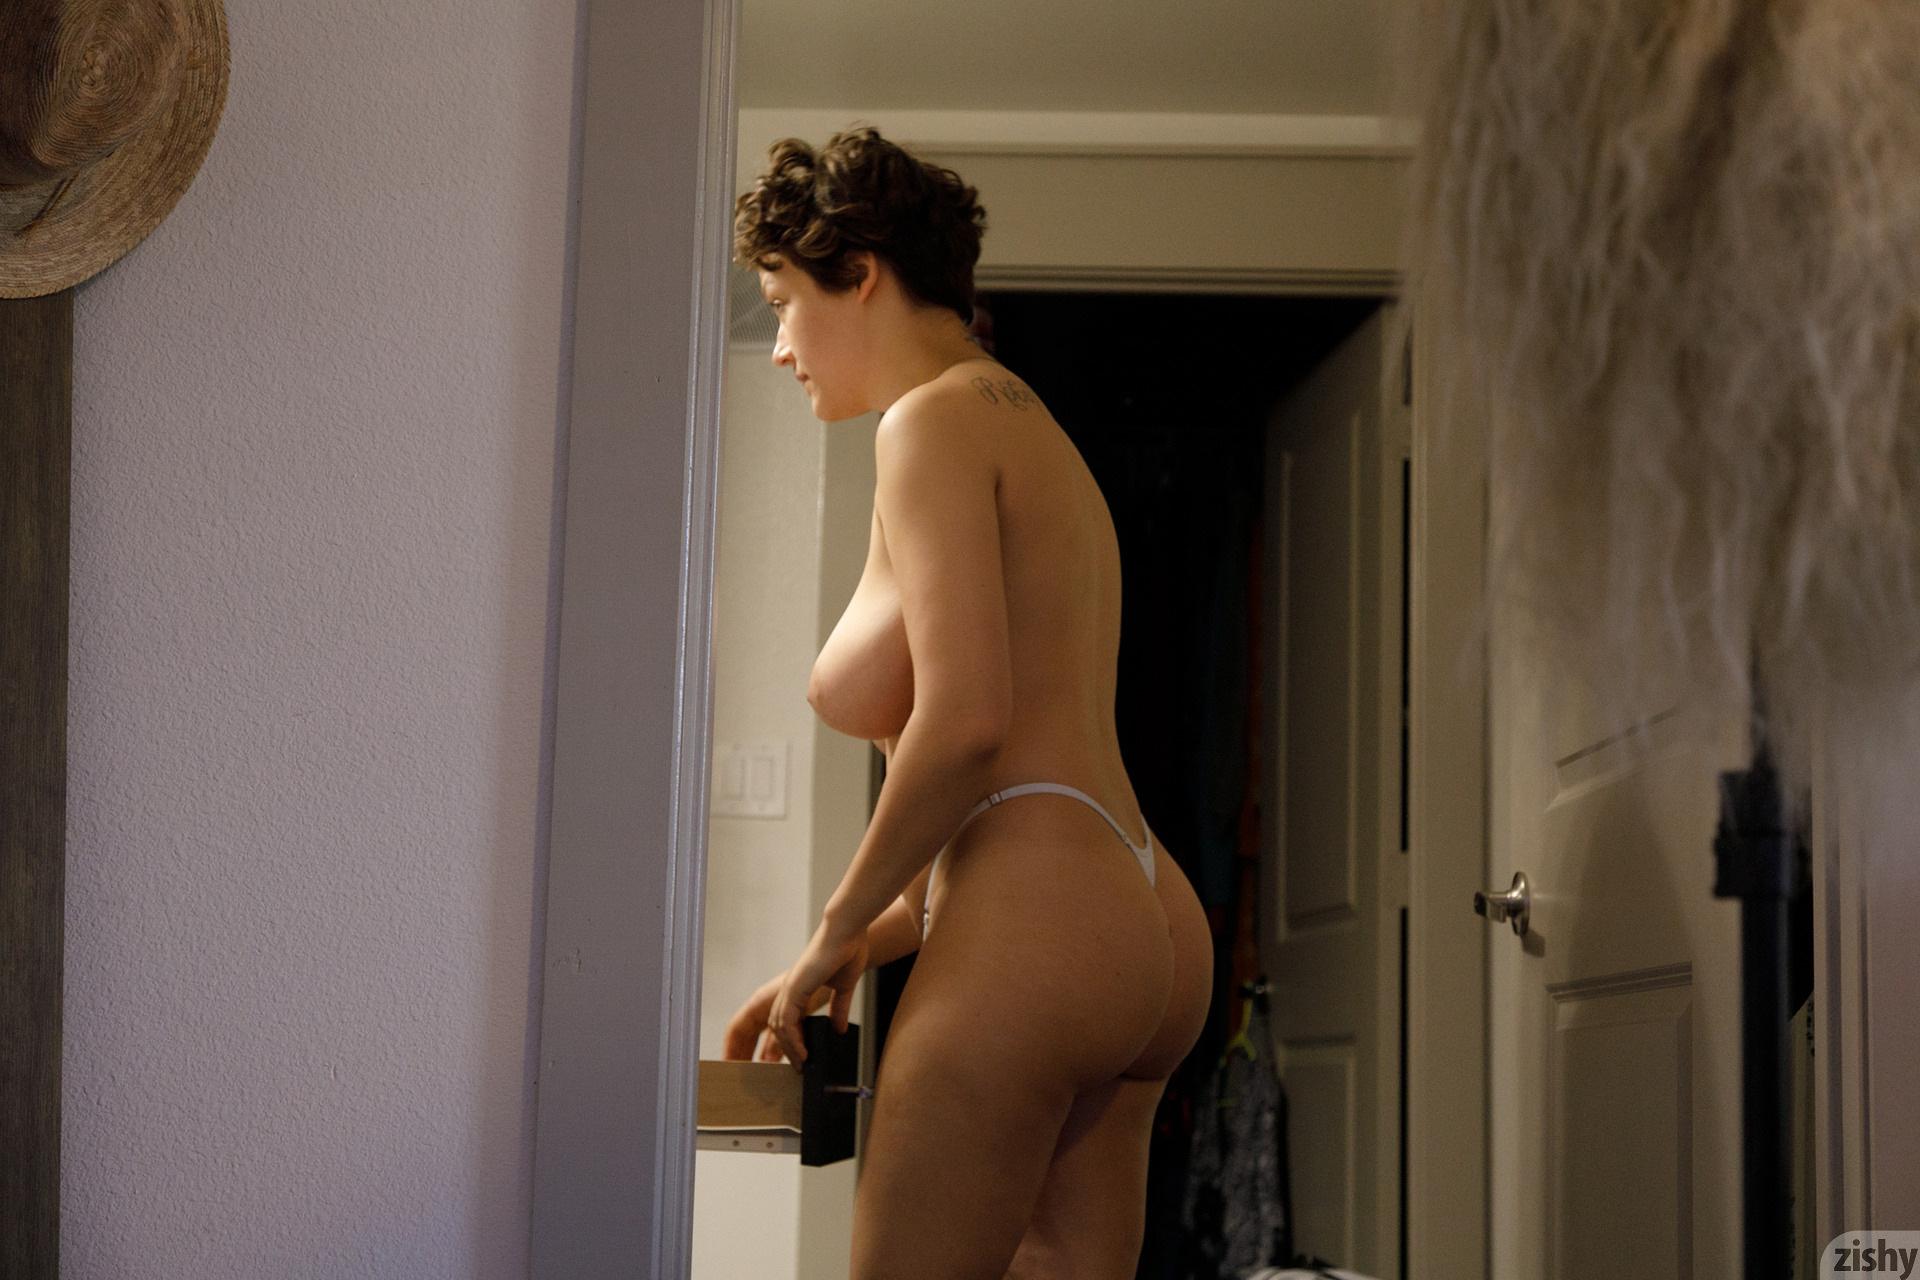 Sabrina Nichole Wigging Out Zishy (1)